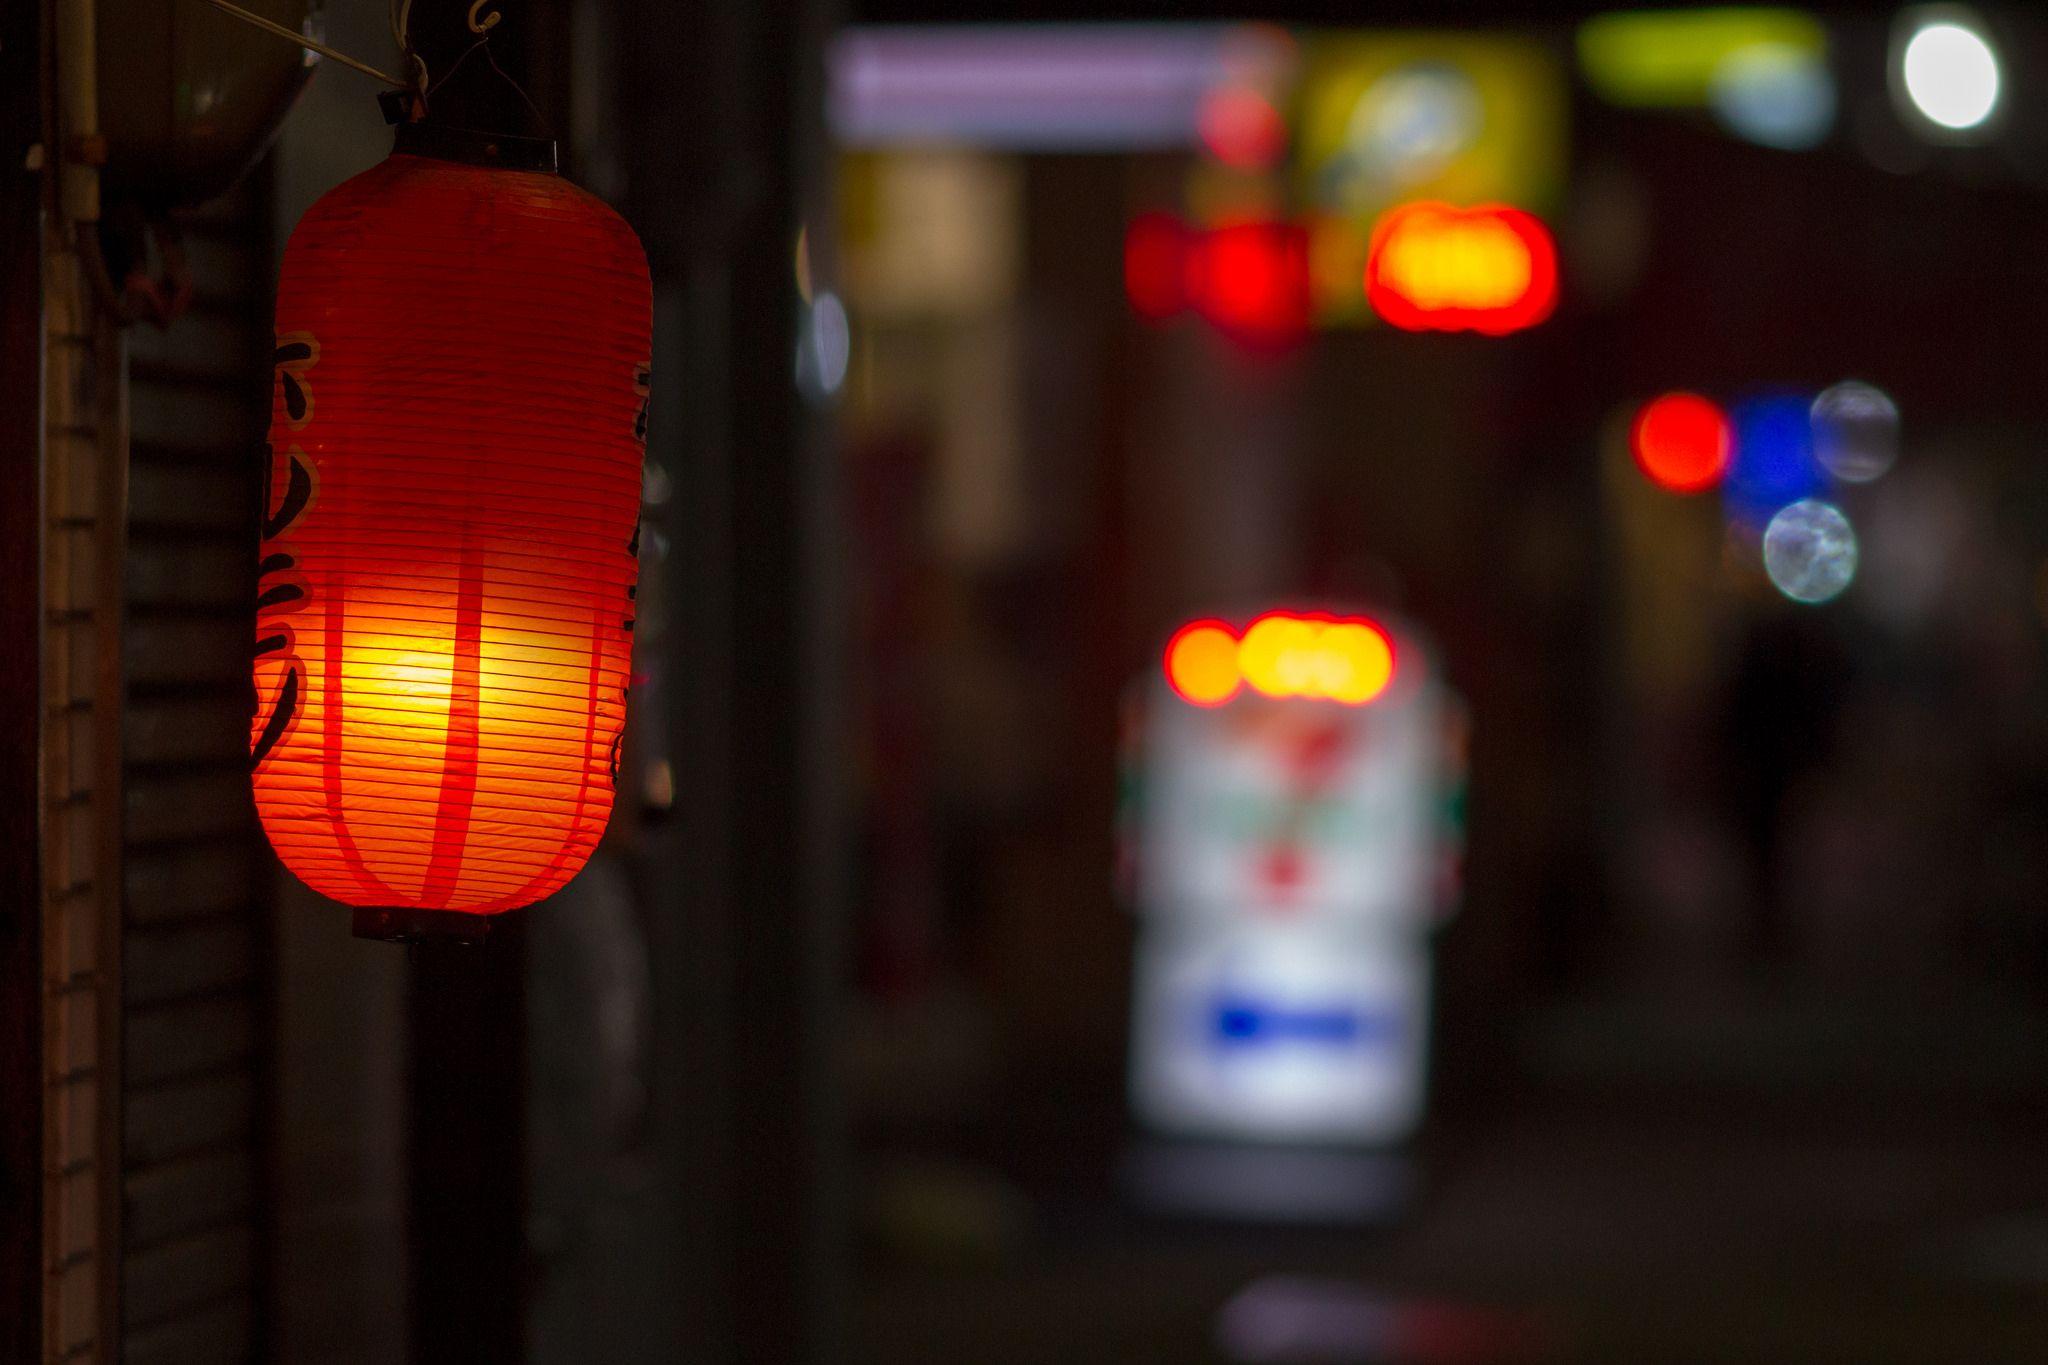 Motoshigecho-Dori, Fushimi, Nagoya | Flickr - Photo Sharing!